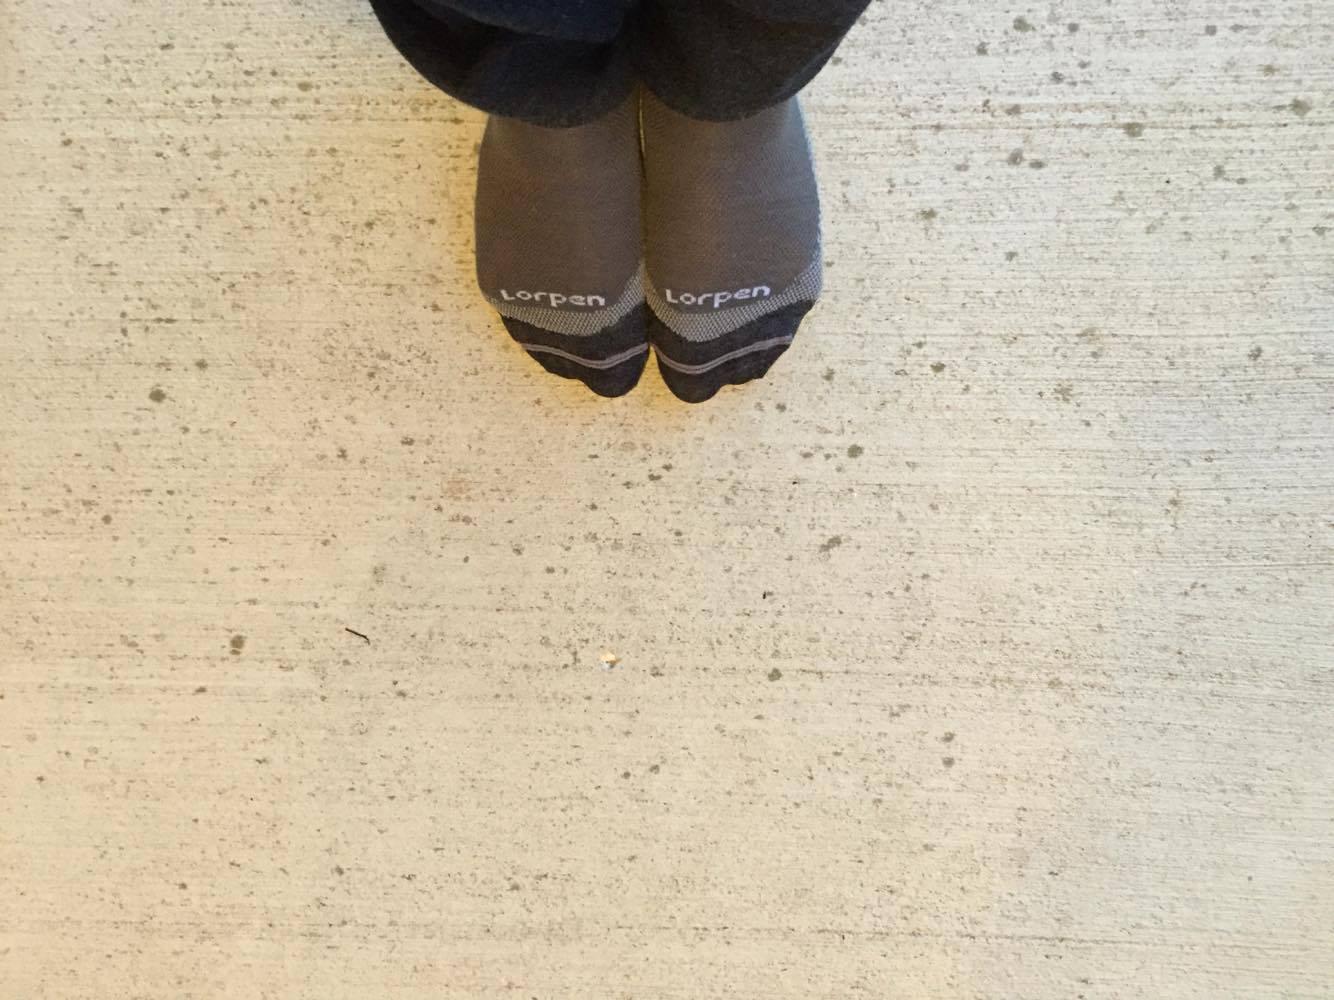 Lorpen Liner Sock review